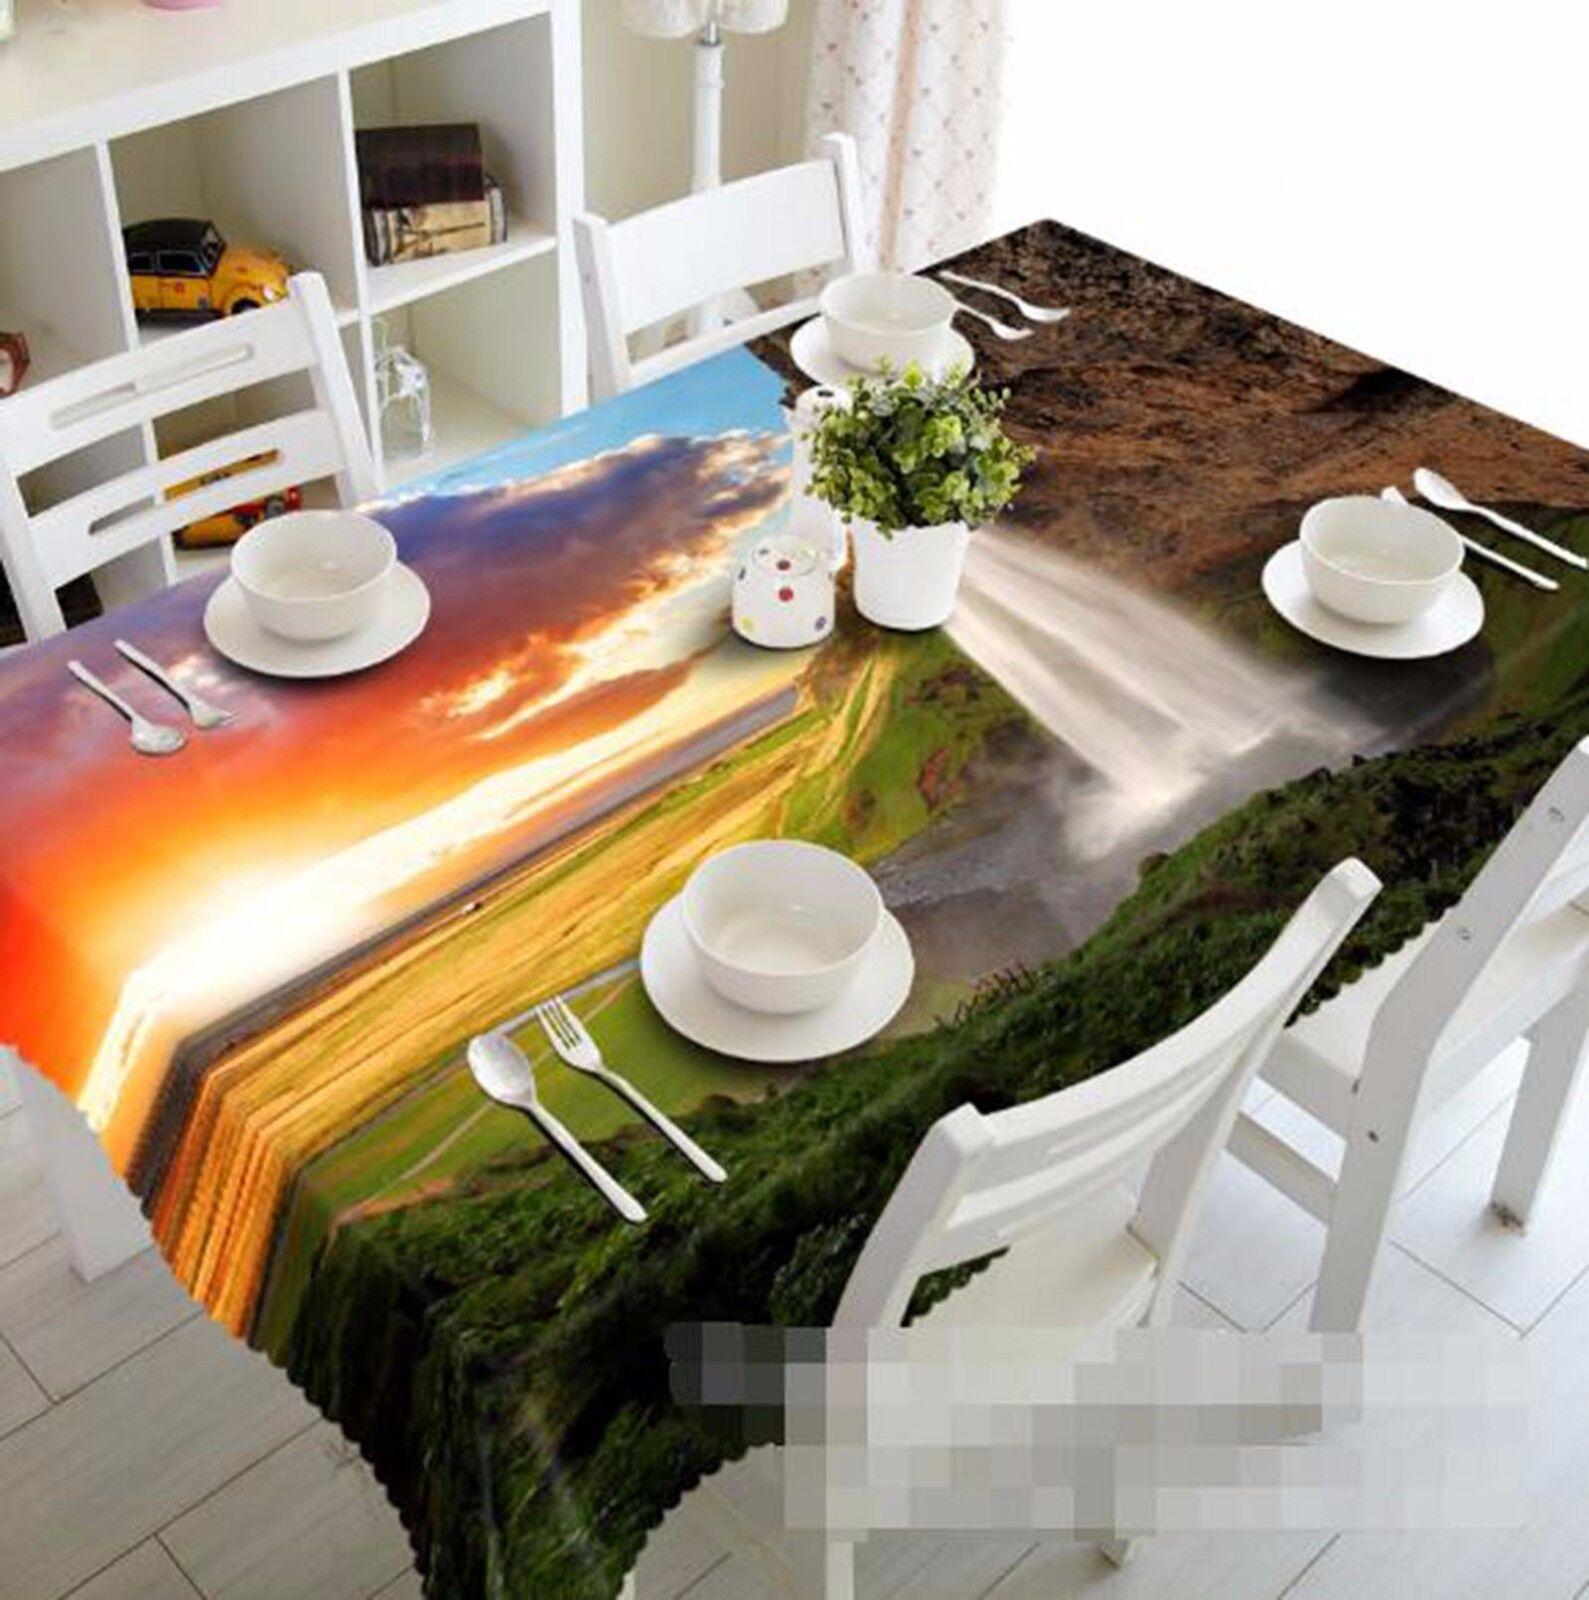 Puesta de sol 3D 401 Mantel Mantel Paño Cumpleaños Fiesta AJ Wallpaper Reino Unido Limón